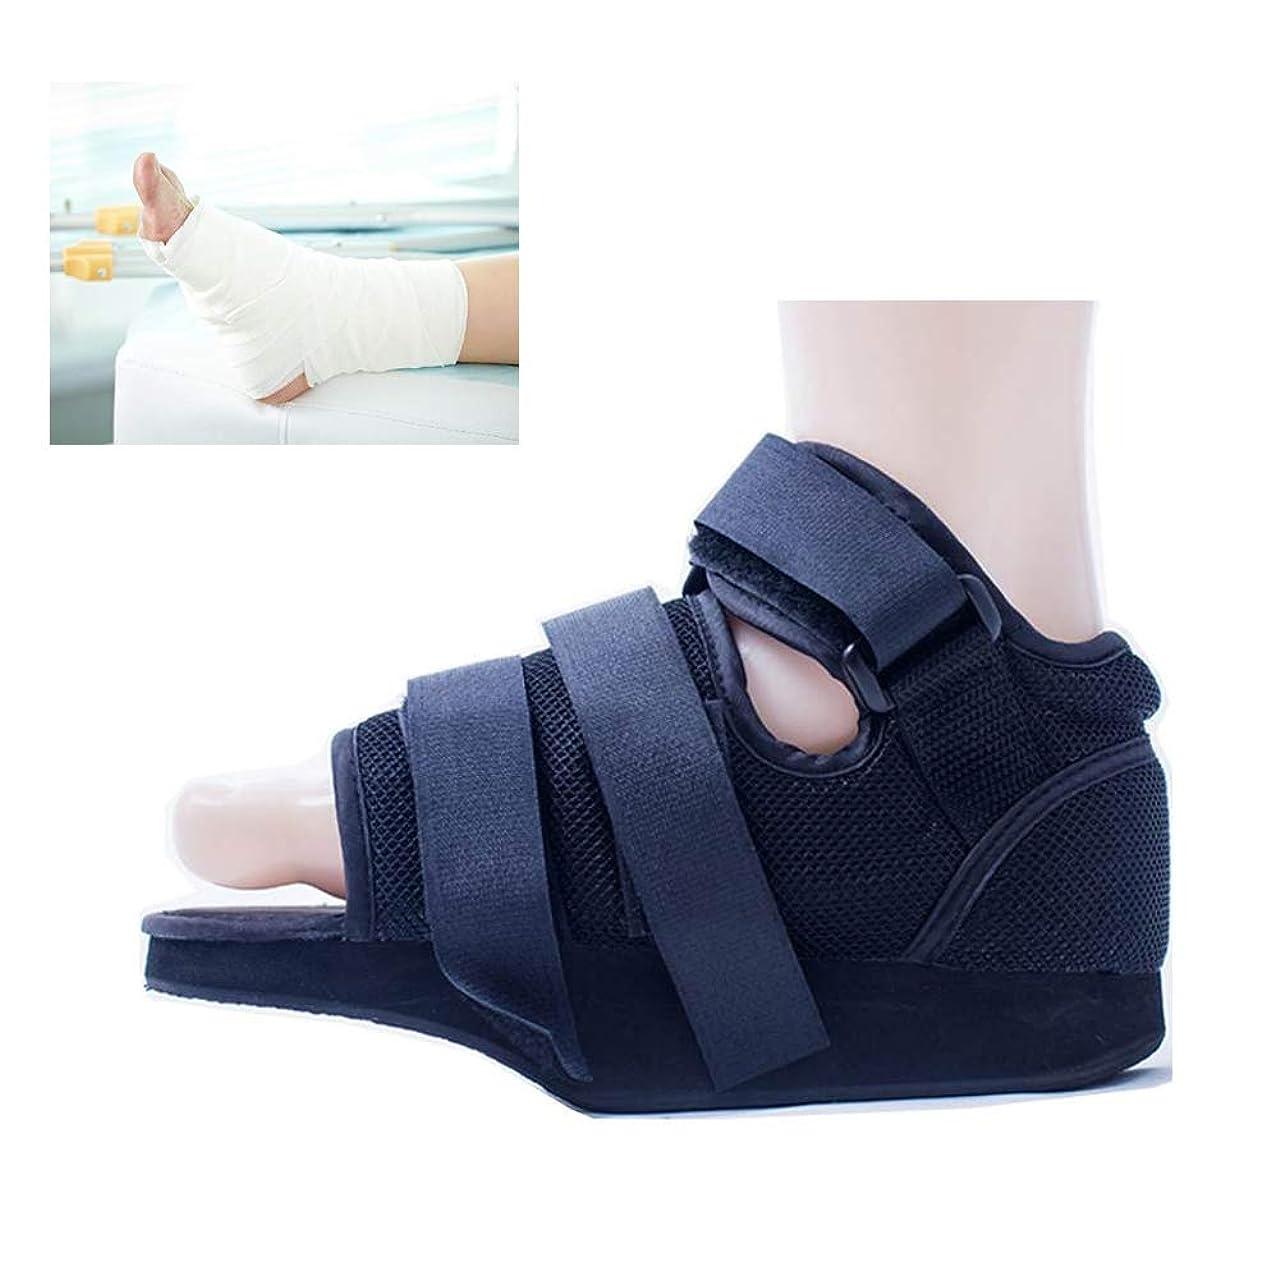 打ち負かすコメンテーター曲キャスト医療靴術後石膏靴ウォーキングブーツ骨折足歩行靴ポスト傷害外科的治癒リハビリテーション,XL1pc